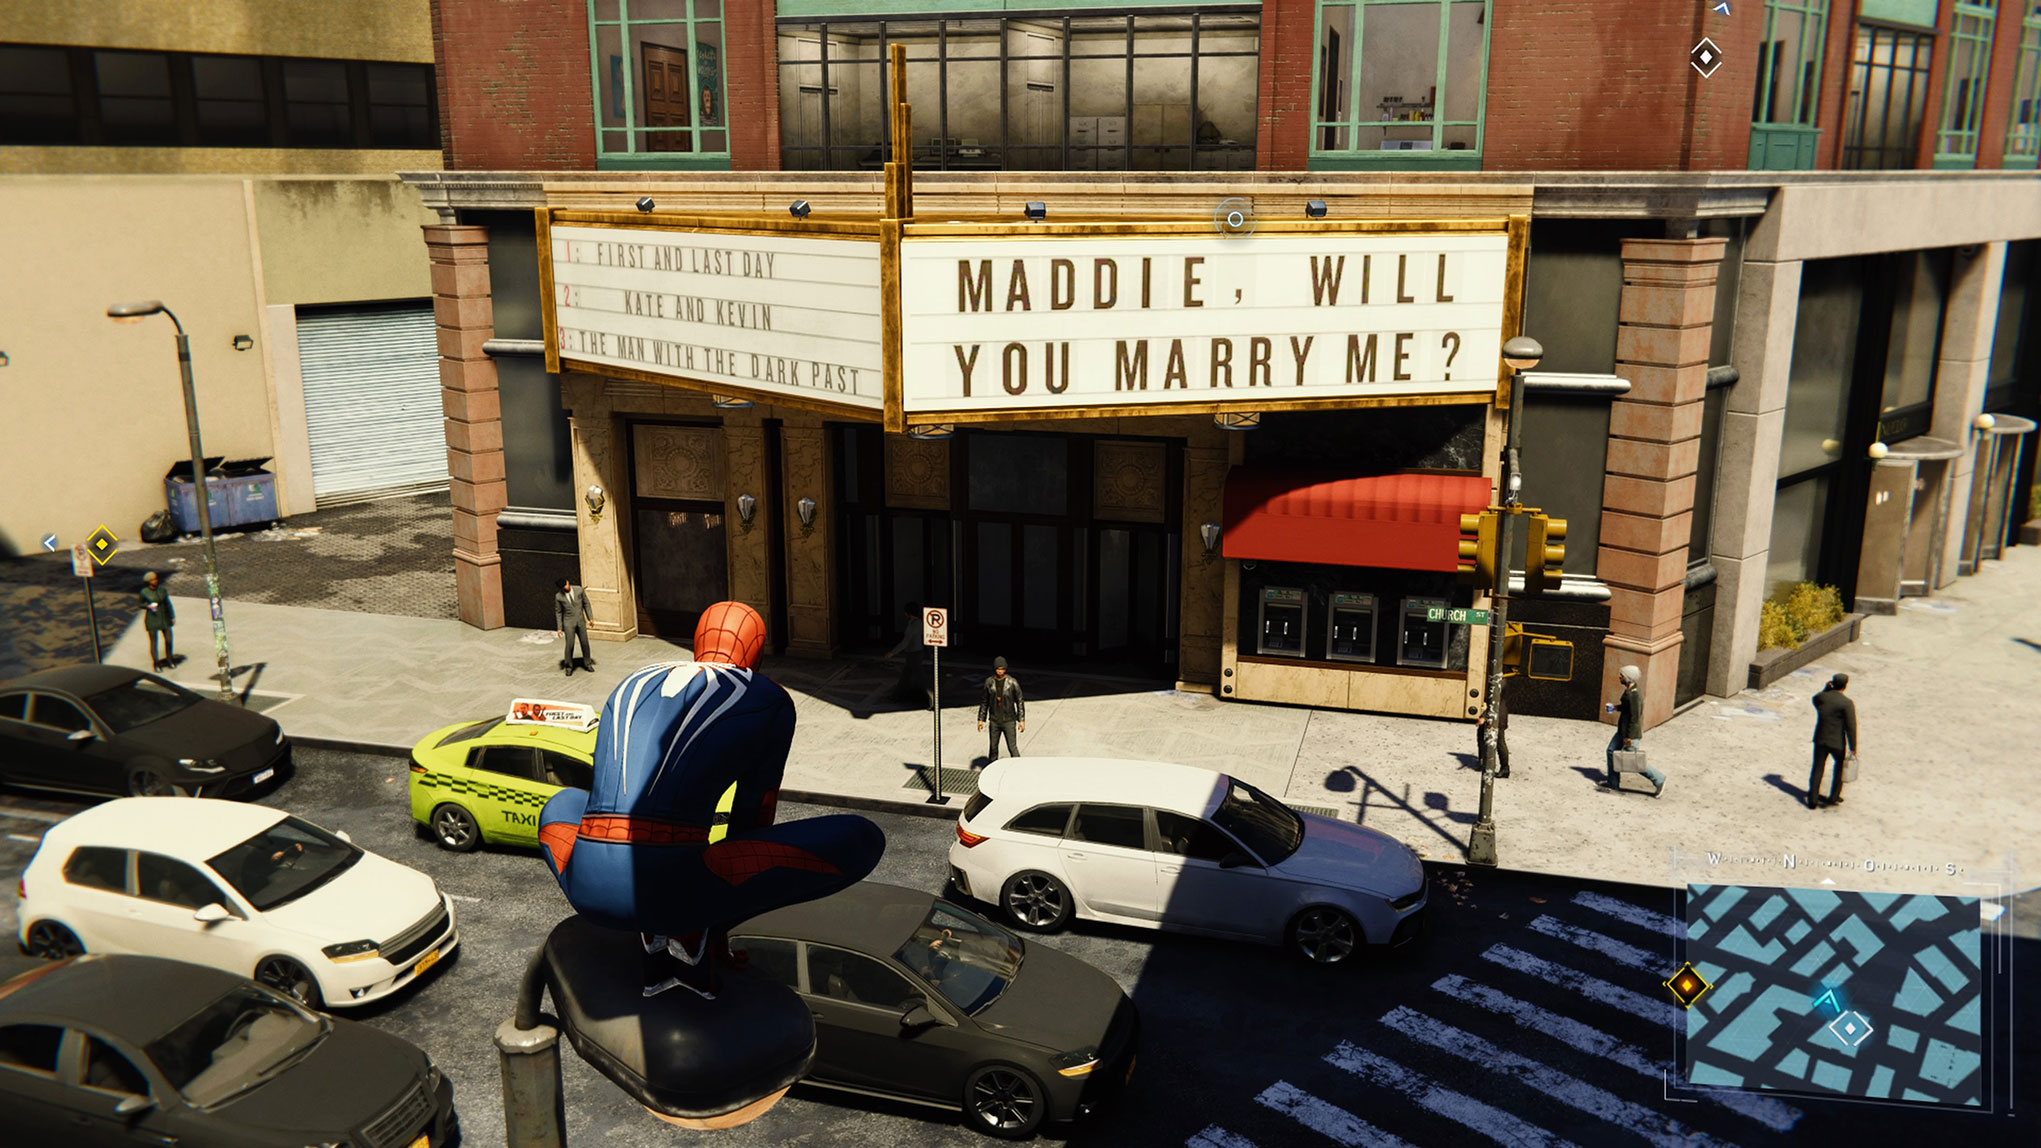 """er noch näher ran krabbelt, der entdeckt links von """"Maddie, will you marry me?"""" (""""Maddie, wirst Du mich heiraten?"""") drei fiktive Filmtitel, die im selben Filmtheater laufen."""